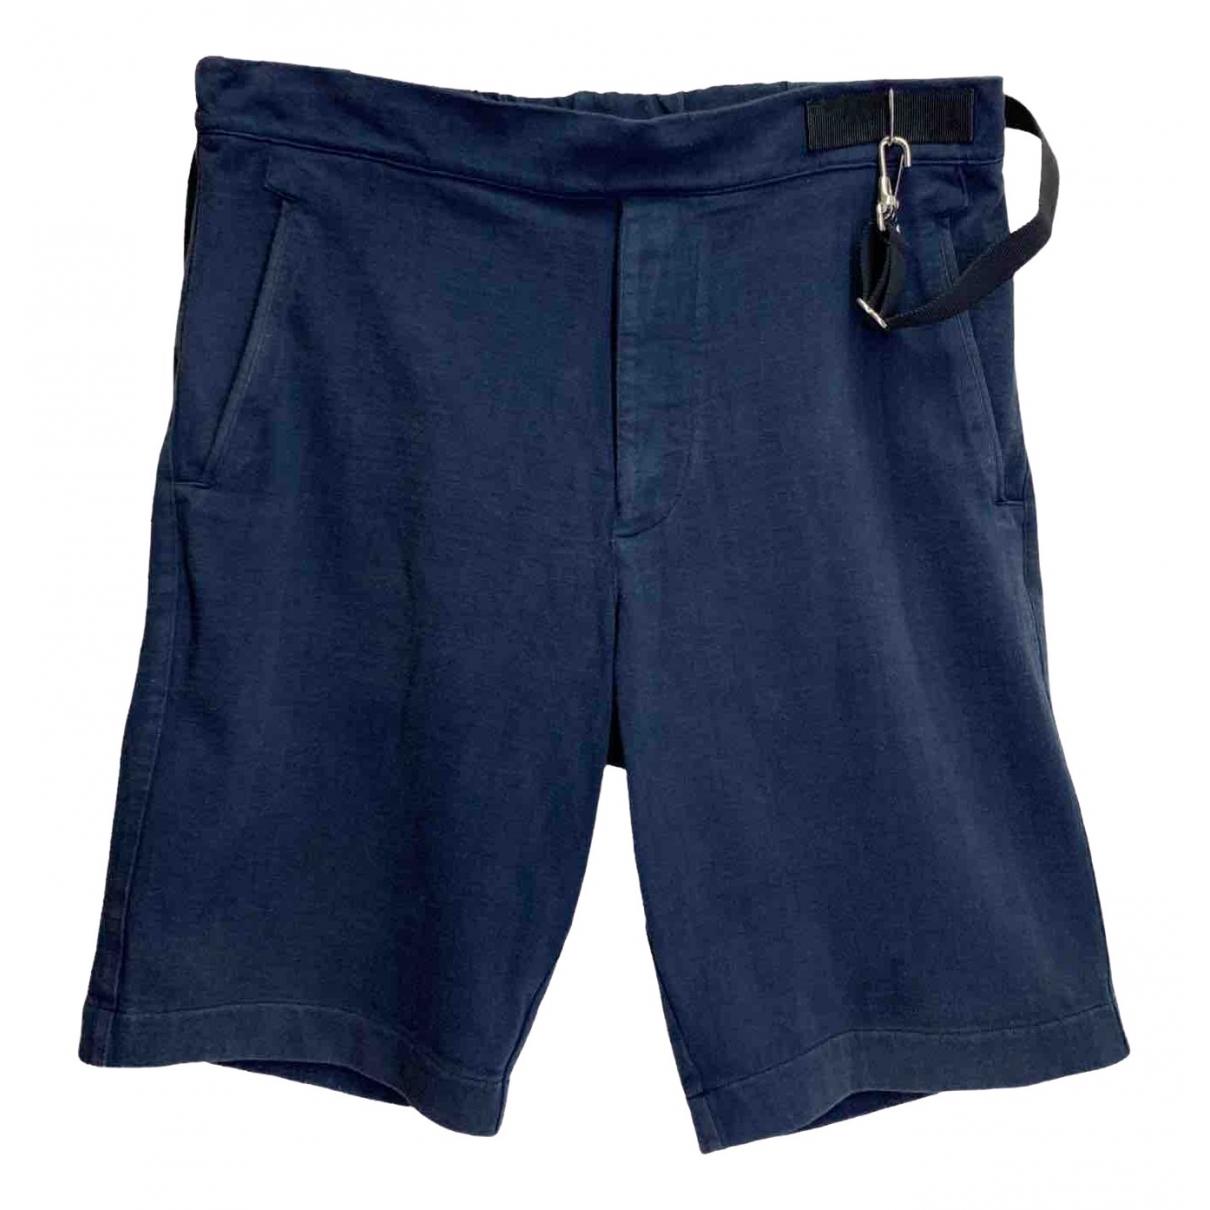 Pantalon corto Jil Sander